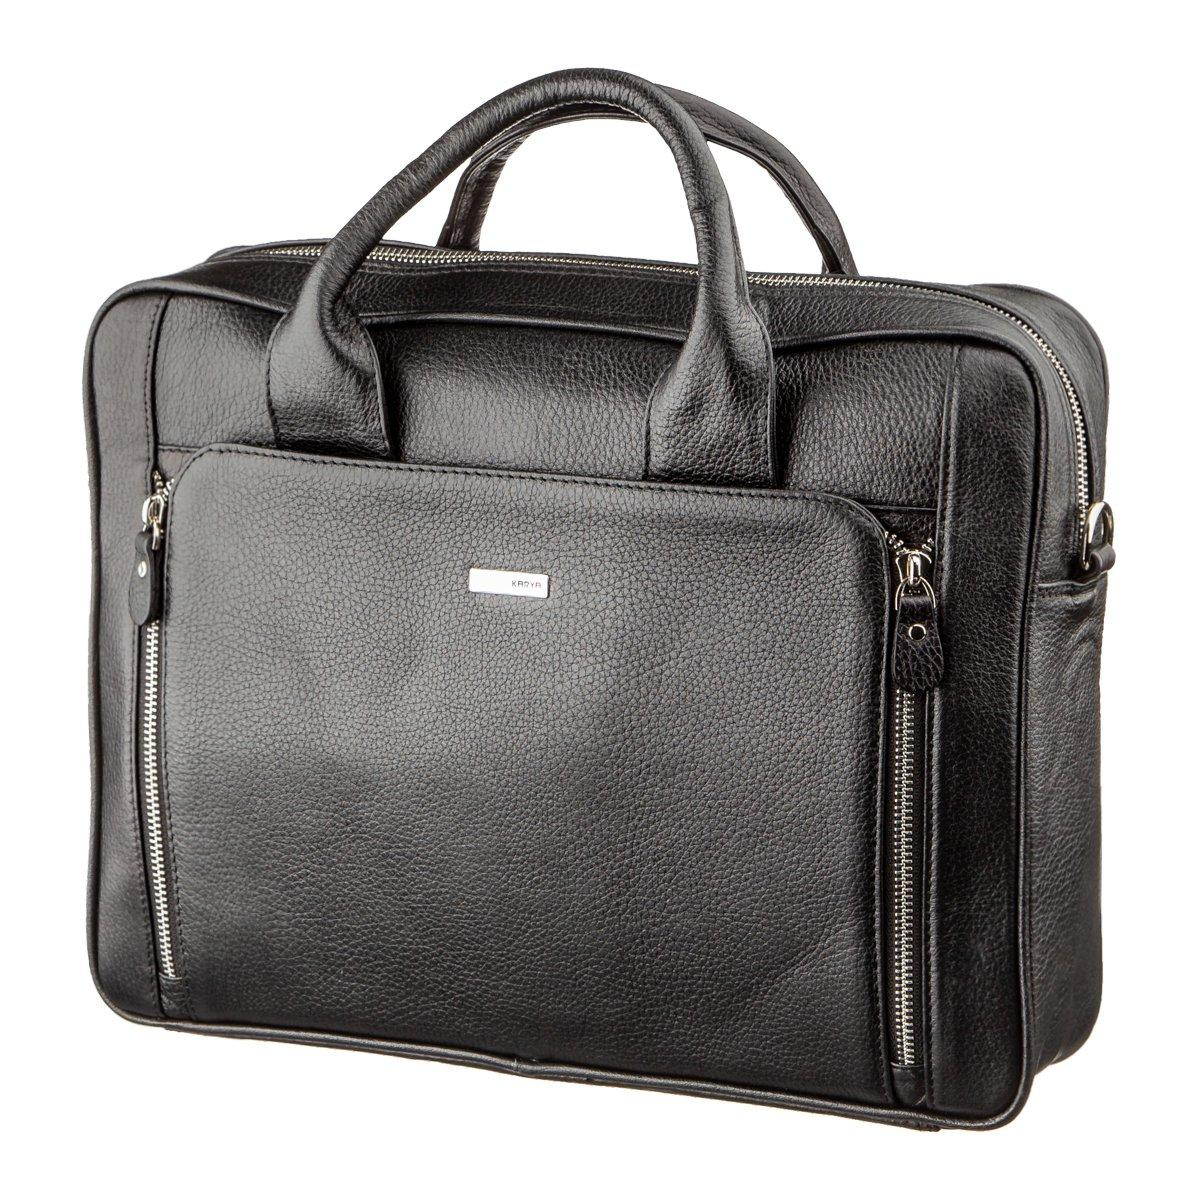 Деловая мужская сумка из кожи KARYA 17284 Черная